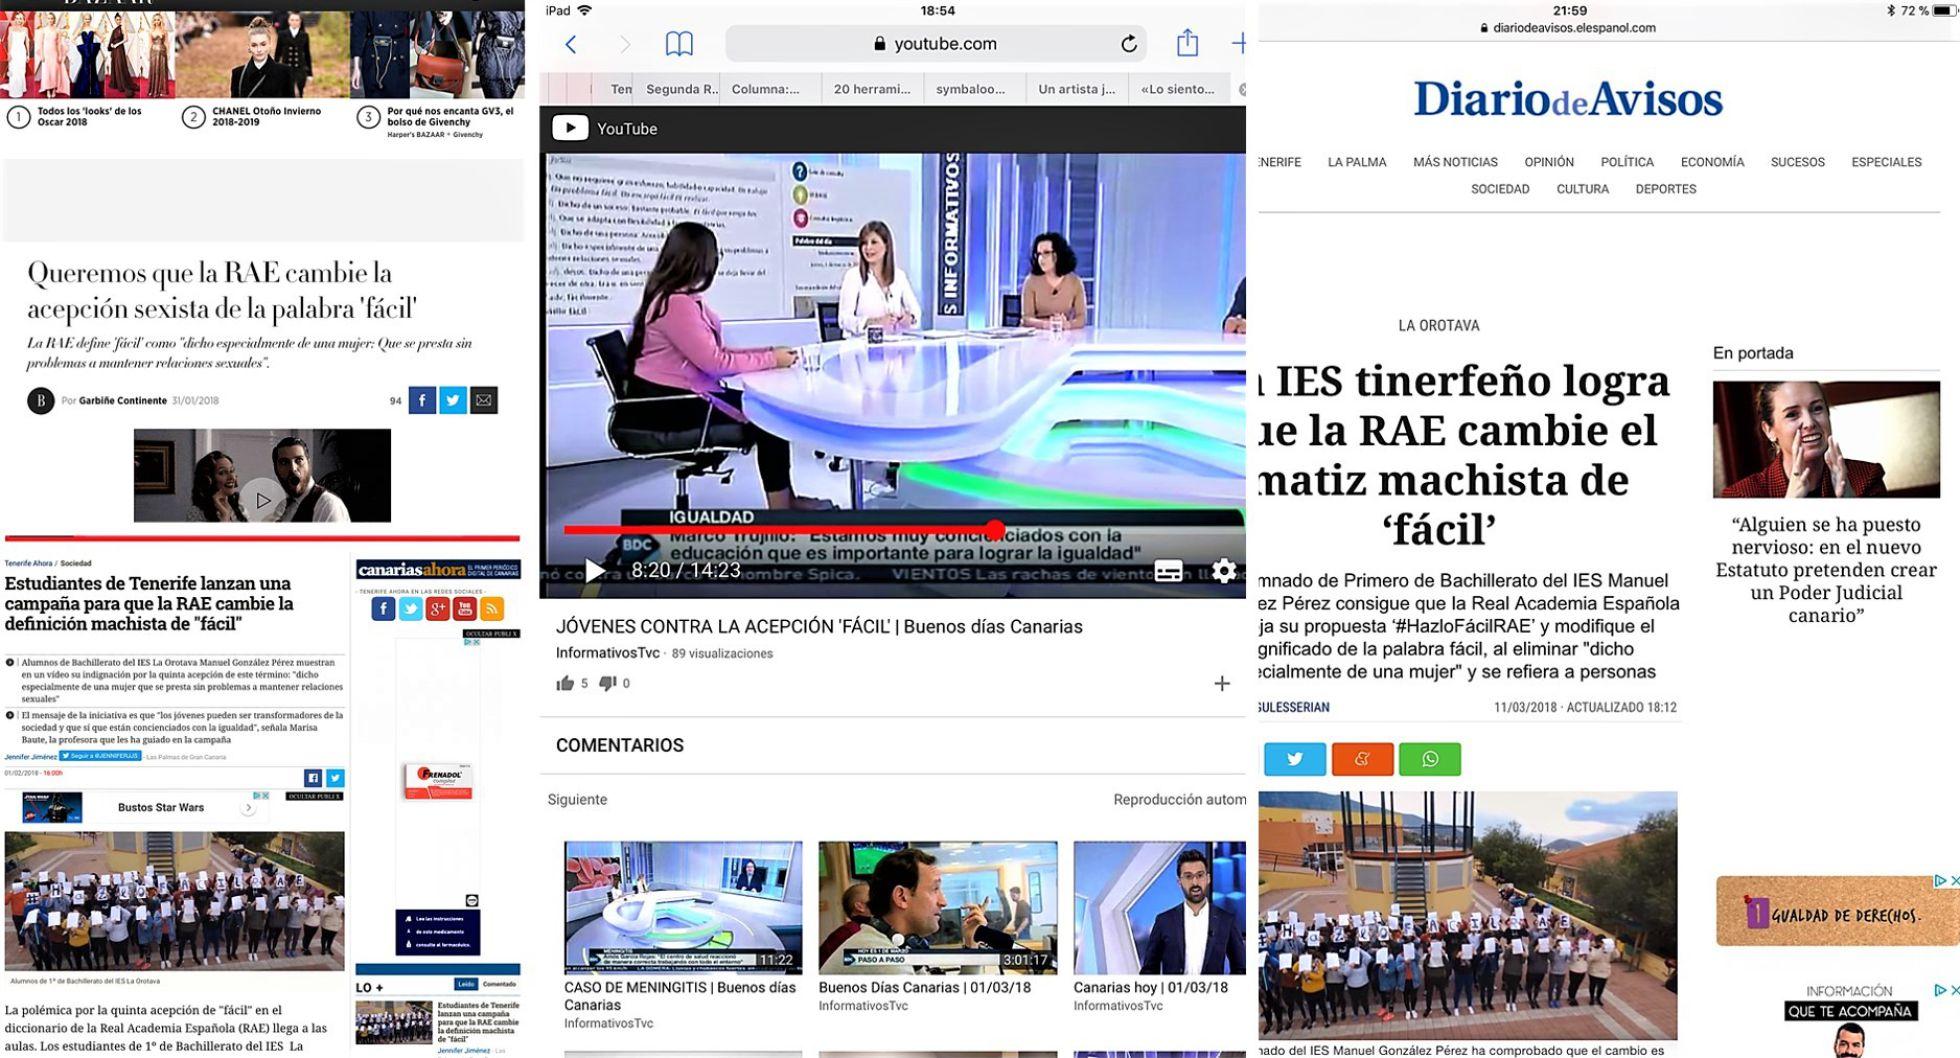 Repercusión en Medios de comunicación | MARISA BAUTE BÁEZ